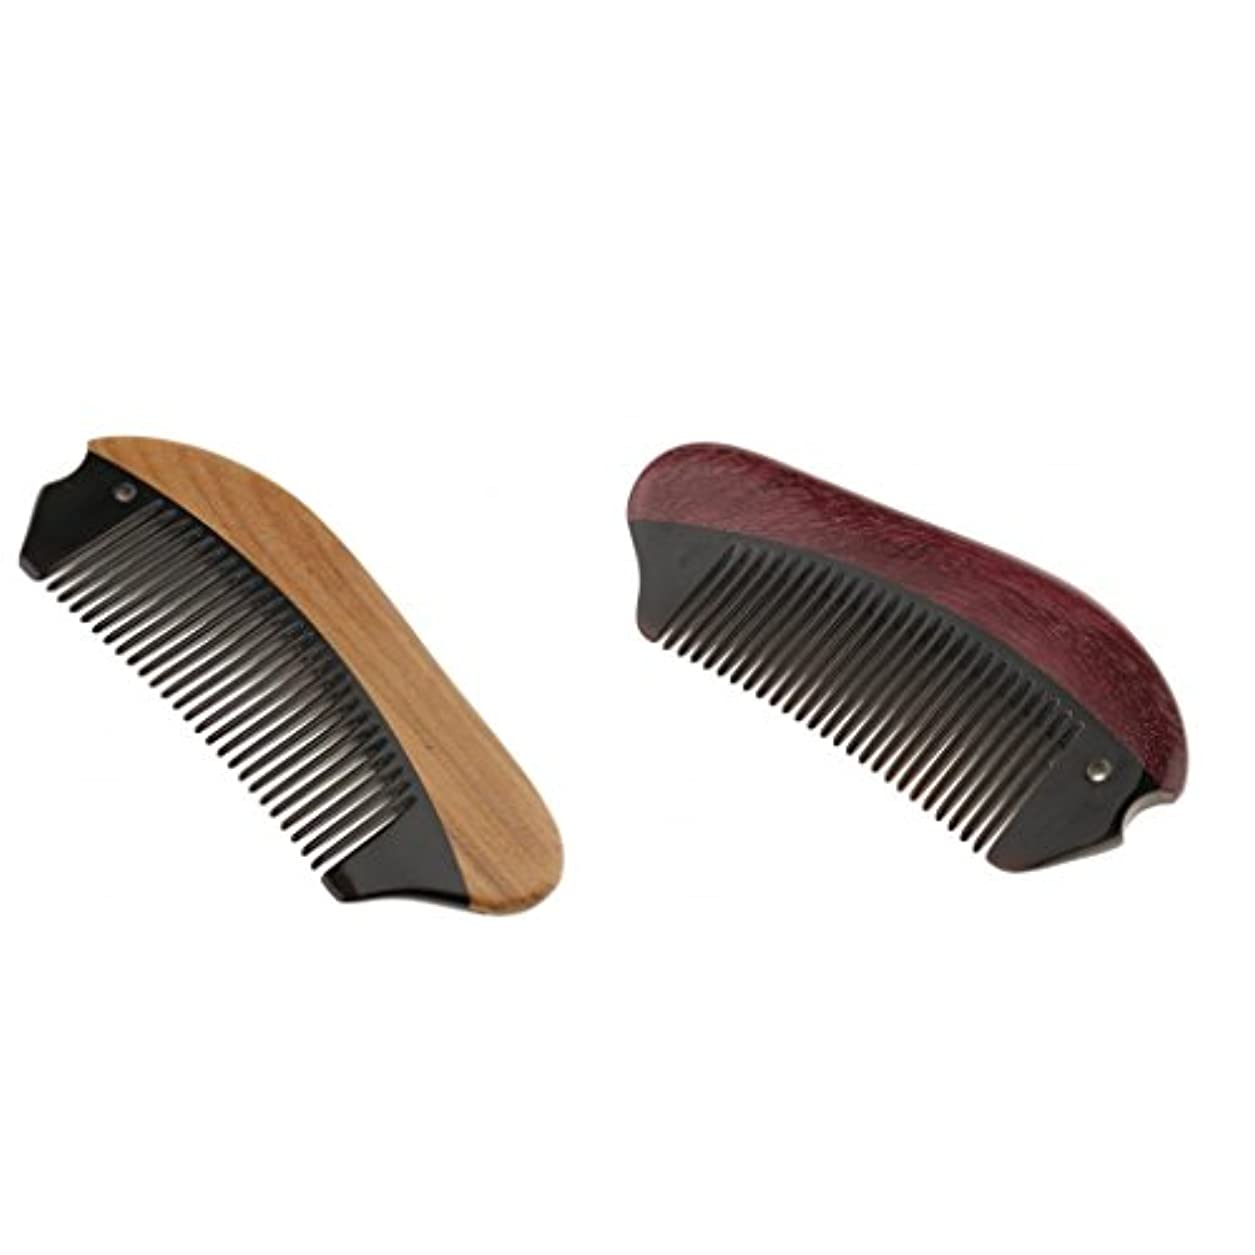 壮大なくさび消化Baosity 2個 木製 櫛 コーム 静電気防止 マッサージ 高品質 プレゼント 贈り物